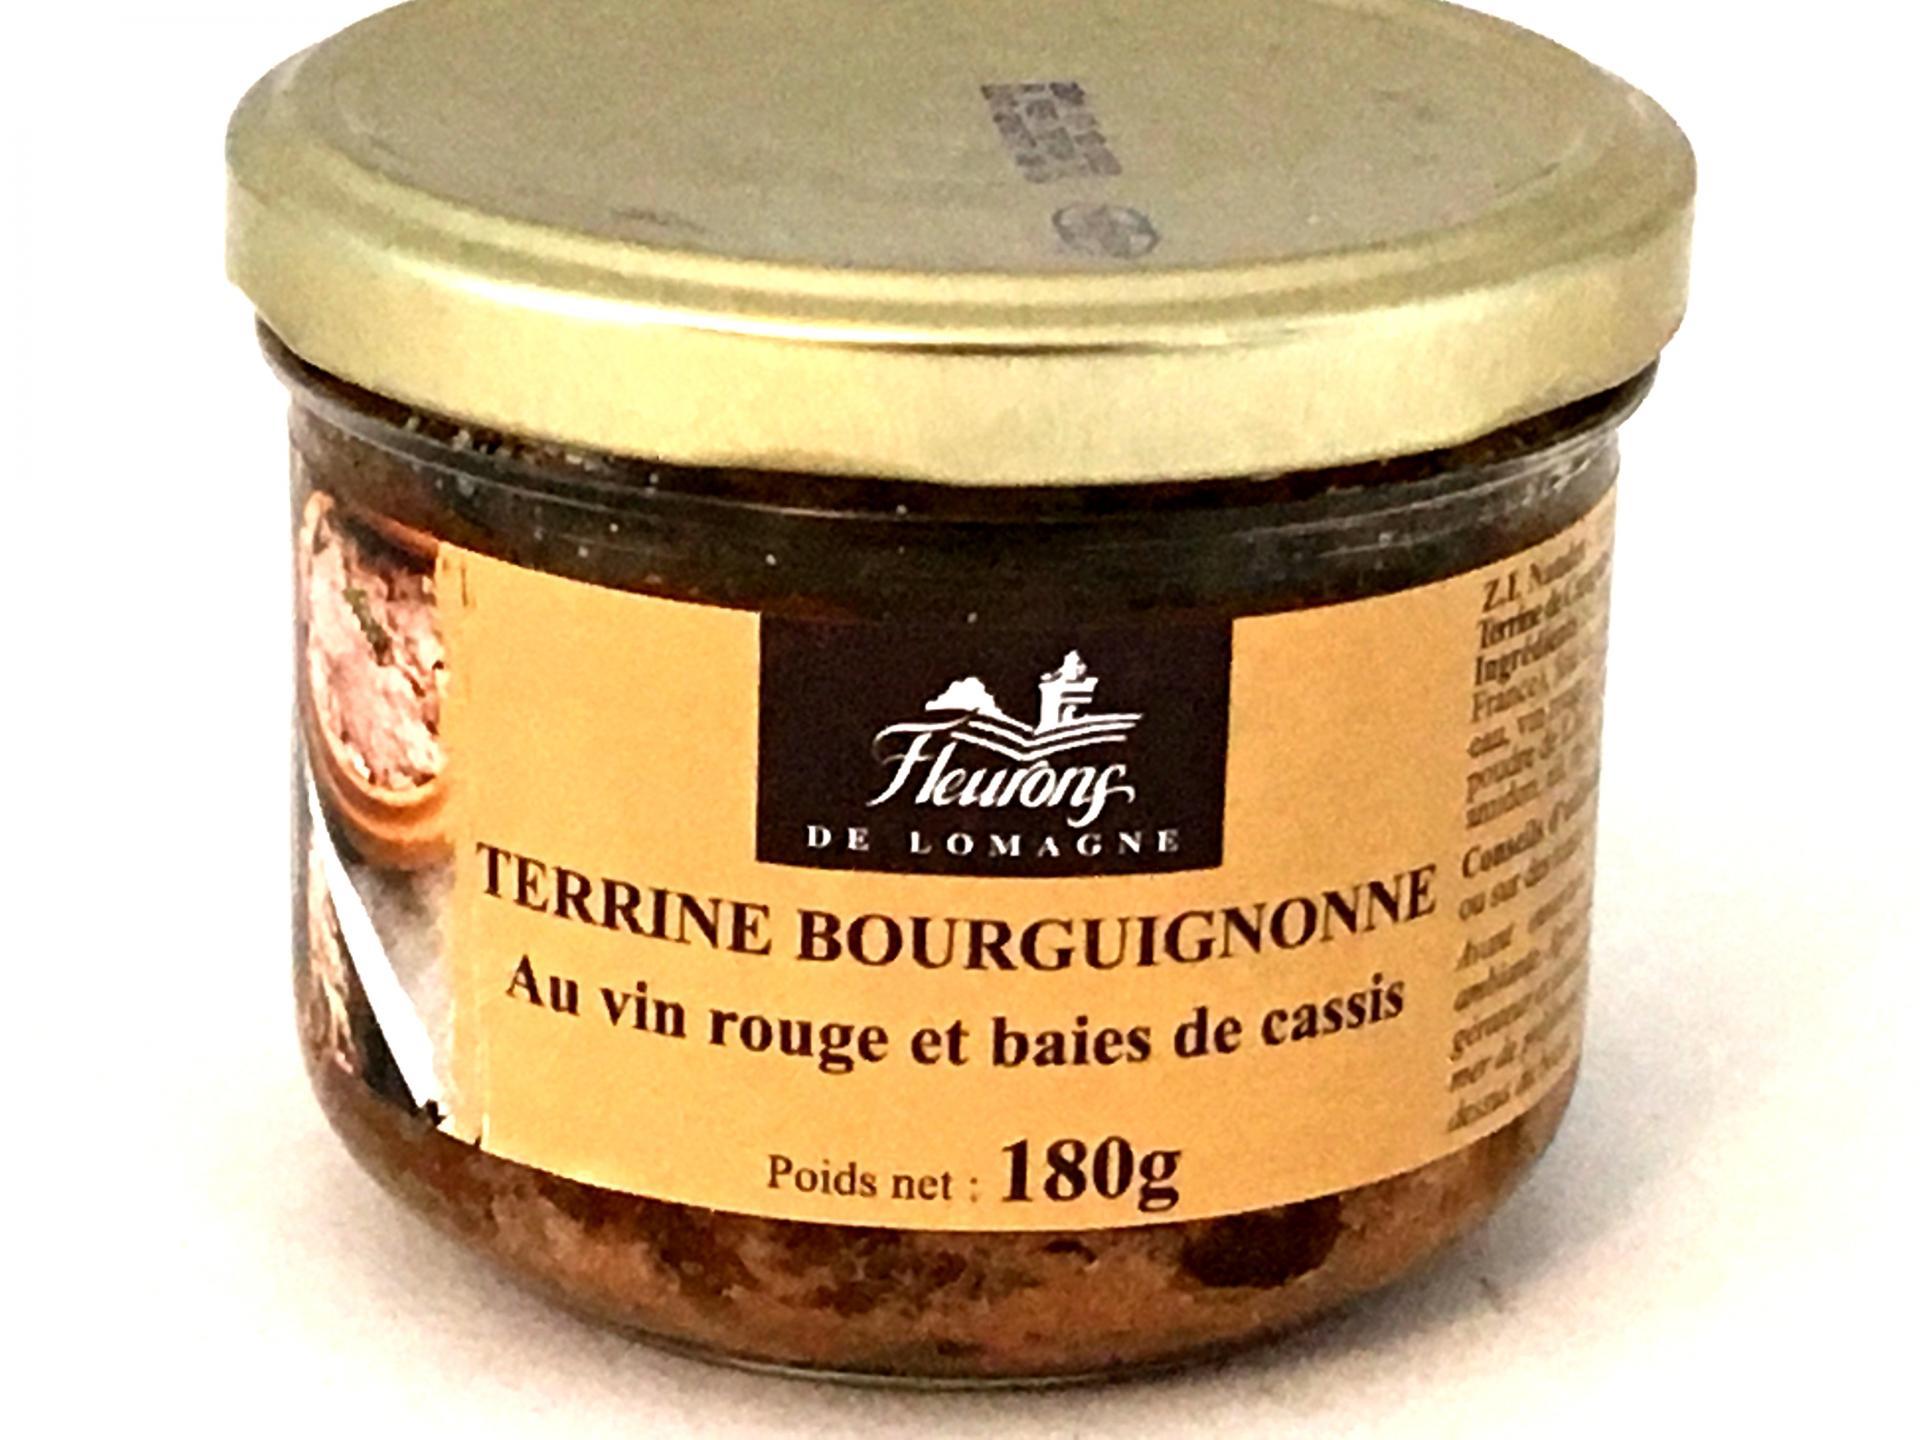 Terrine bourguignonne au vin rouge et baies de cassis 180g bocal